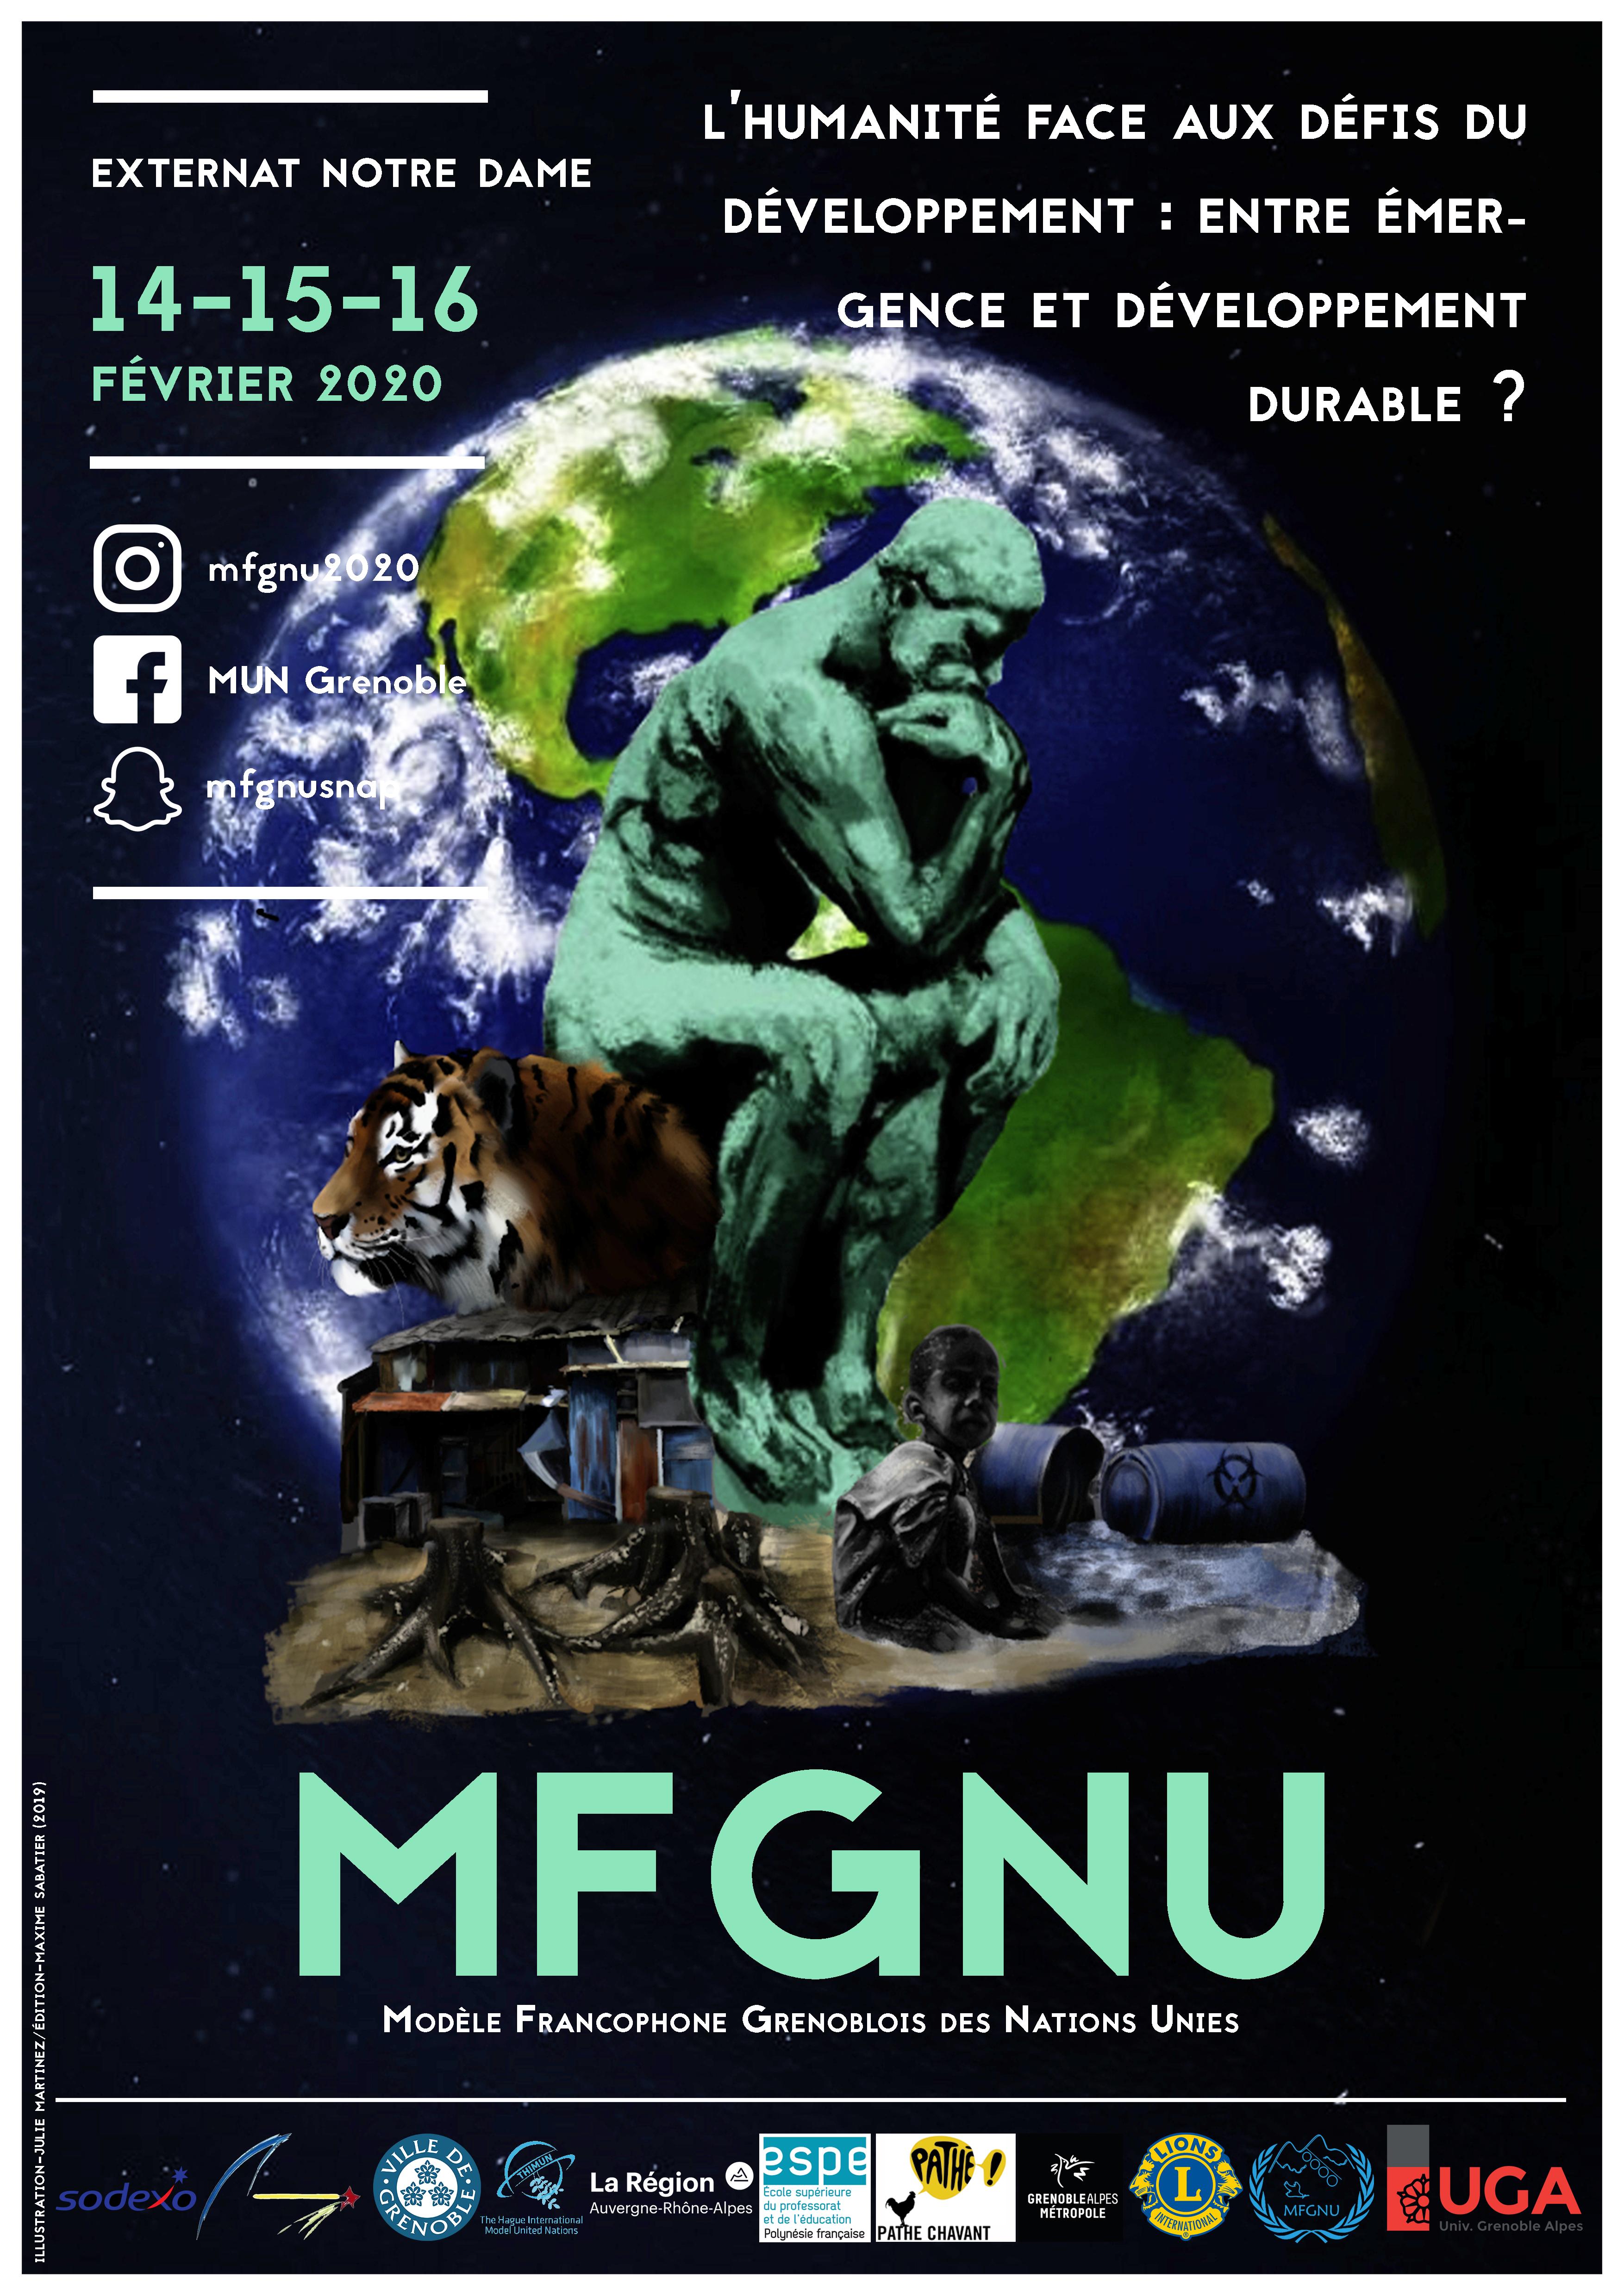 Affiche MFGNU 2020 (v2)